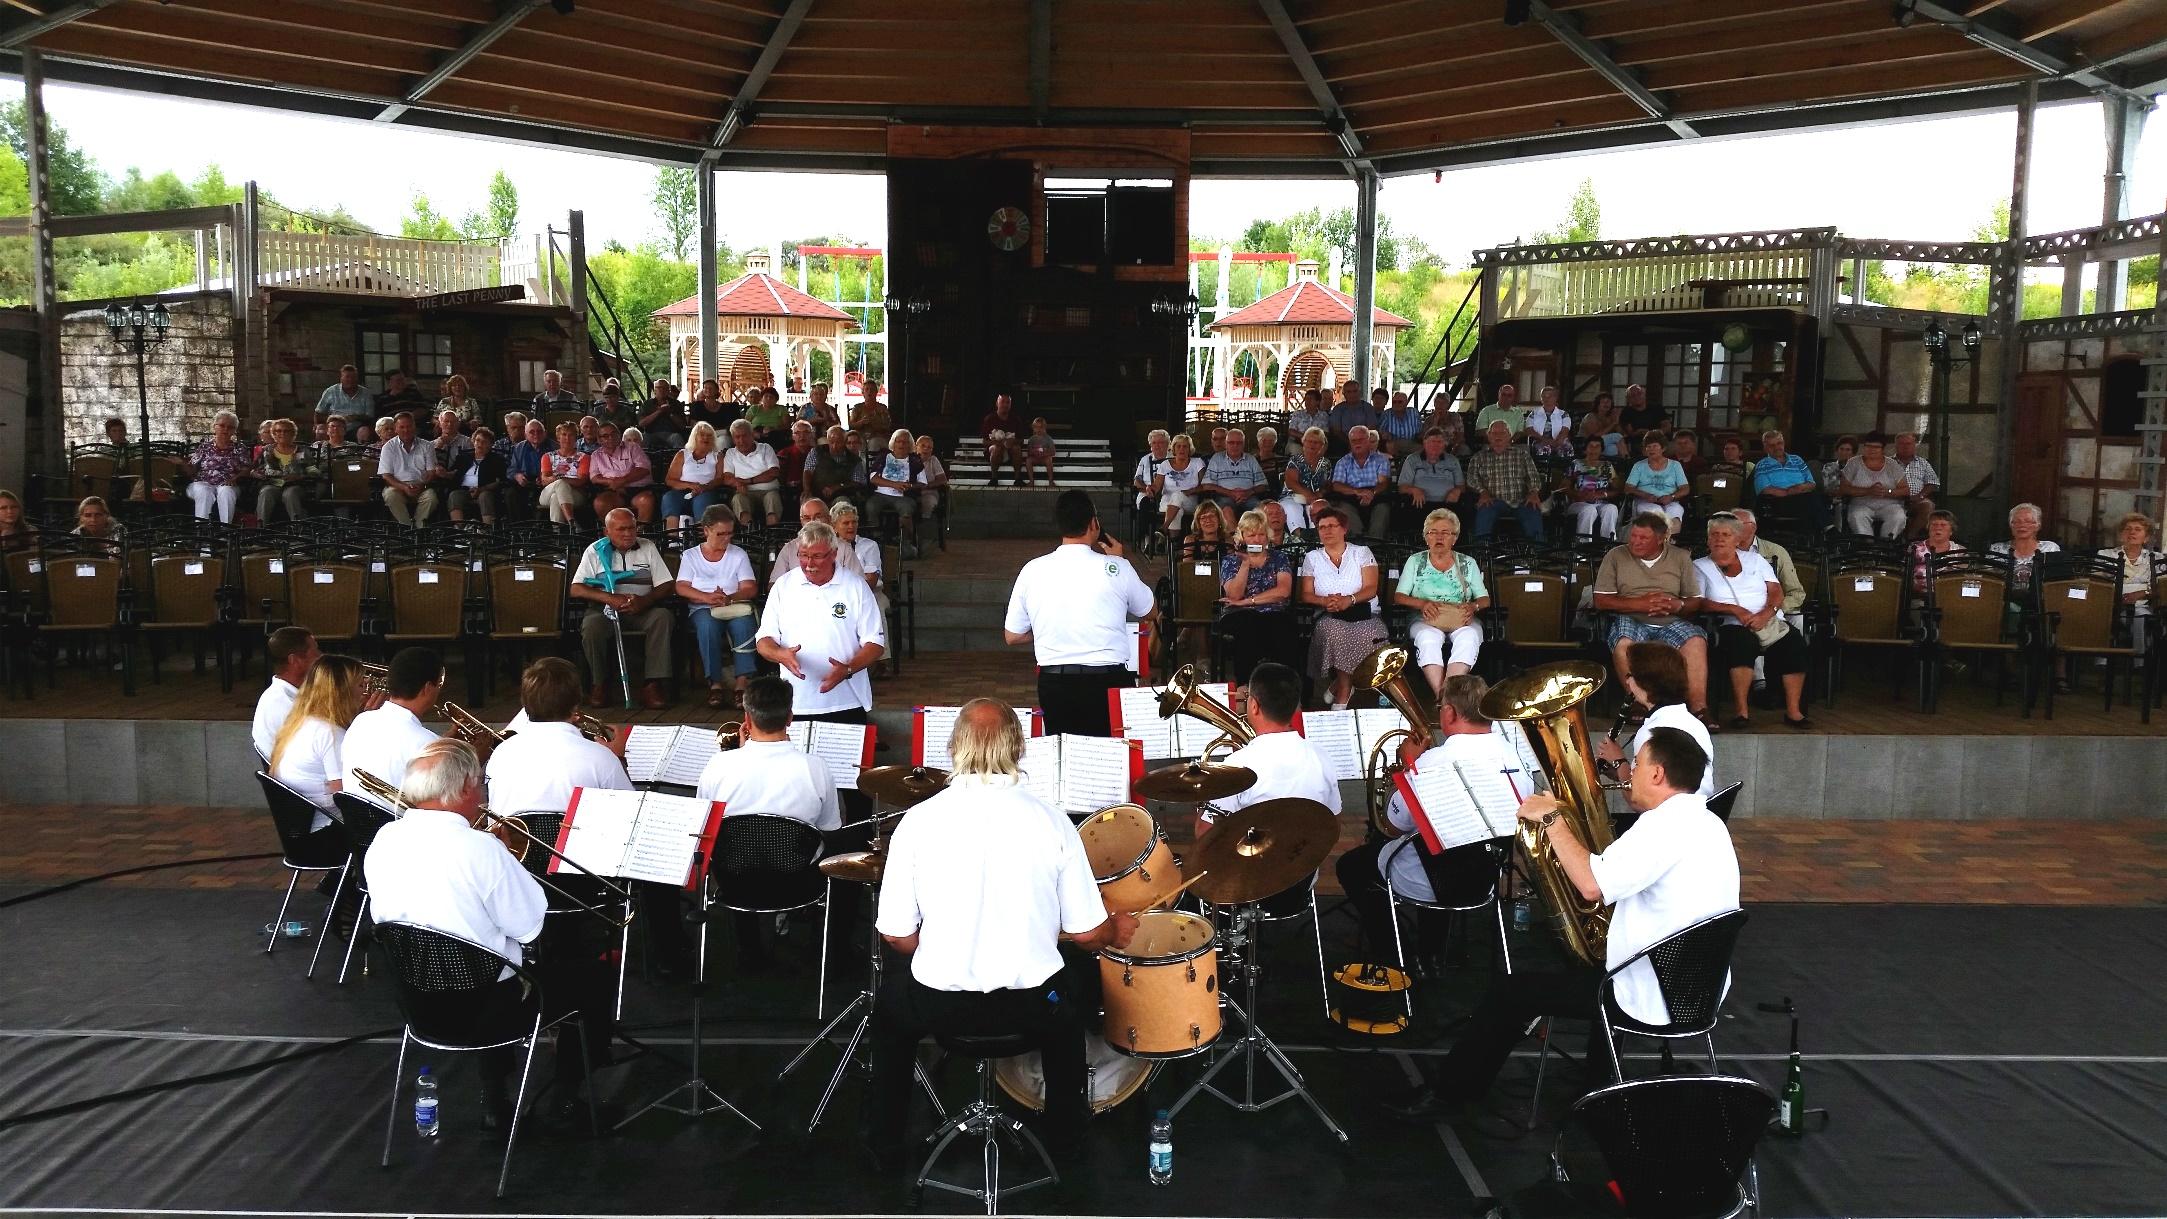 Biedermeierstrand Hayna 2016 - Blasmusikverein Schenkenberg e.V.